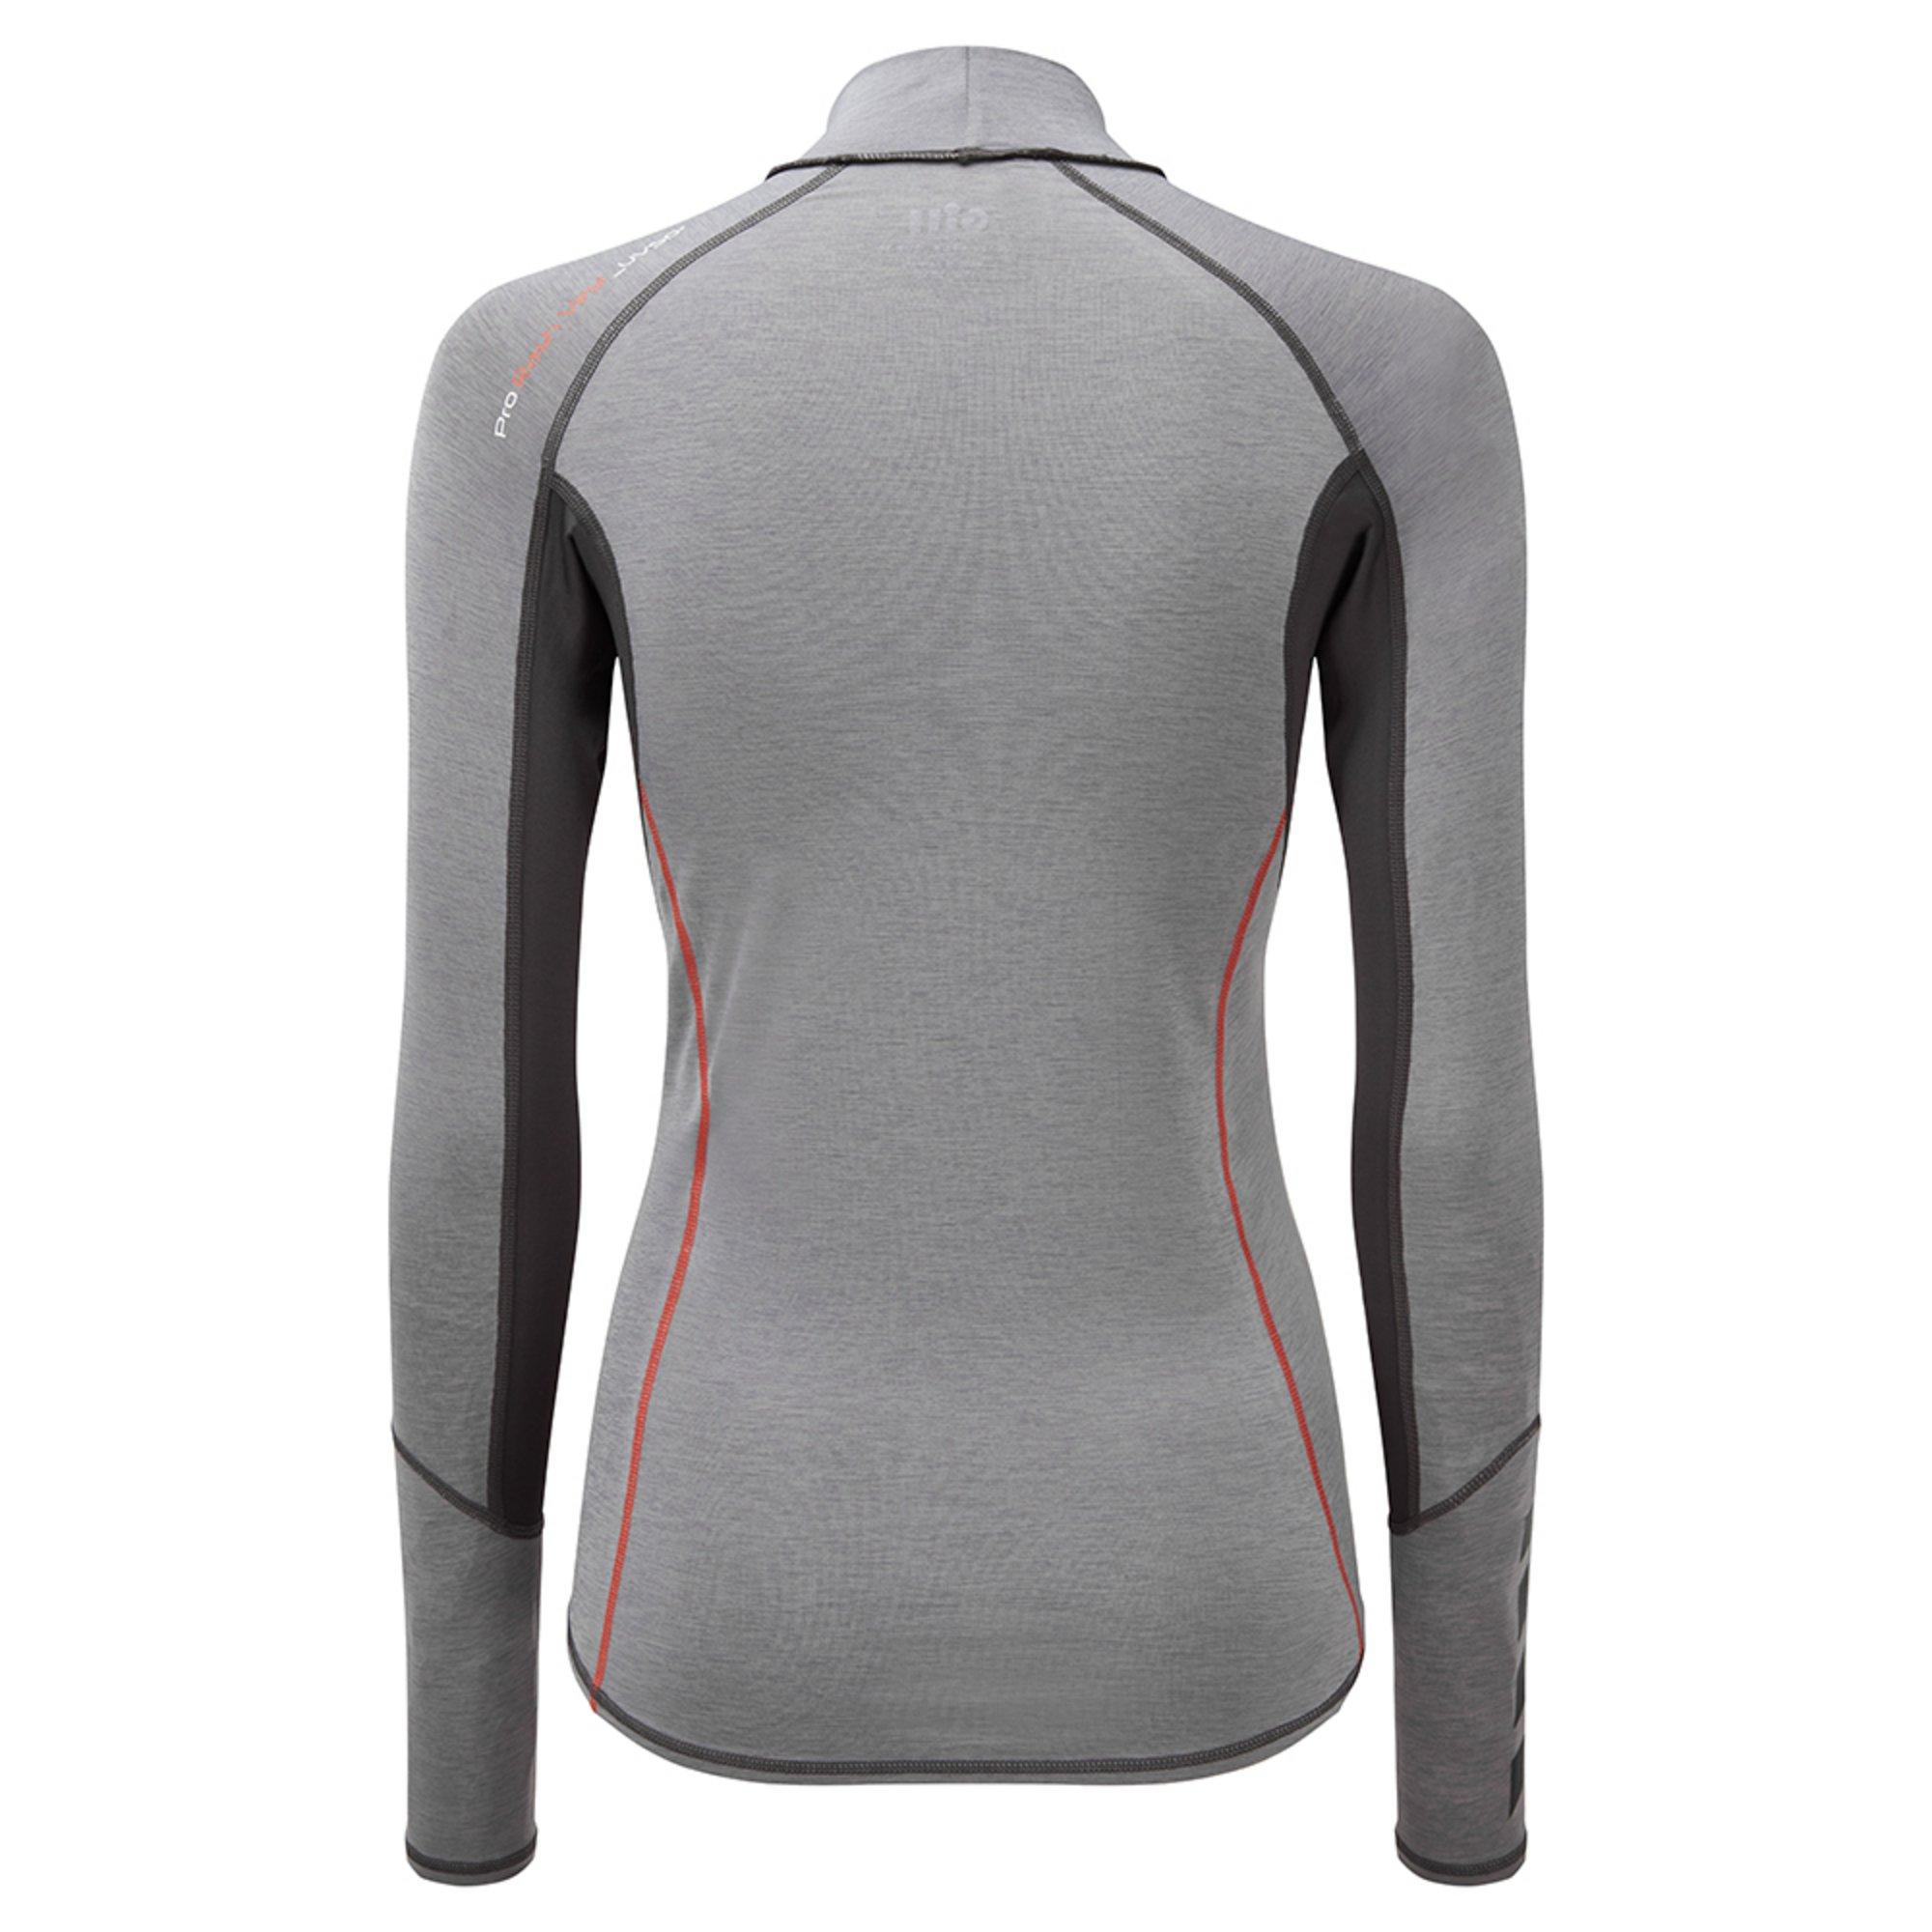 Women's Eco Pro Rash Vest - Long Sleeve - 5025W-GRE18_2.jpg